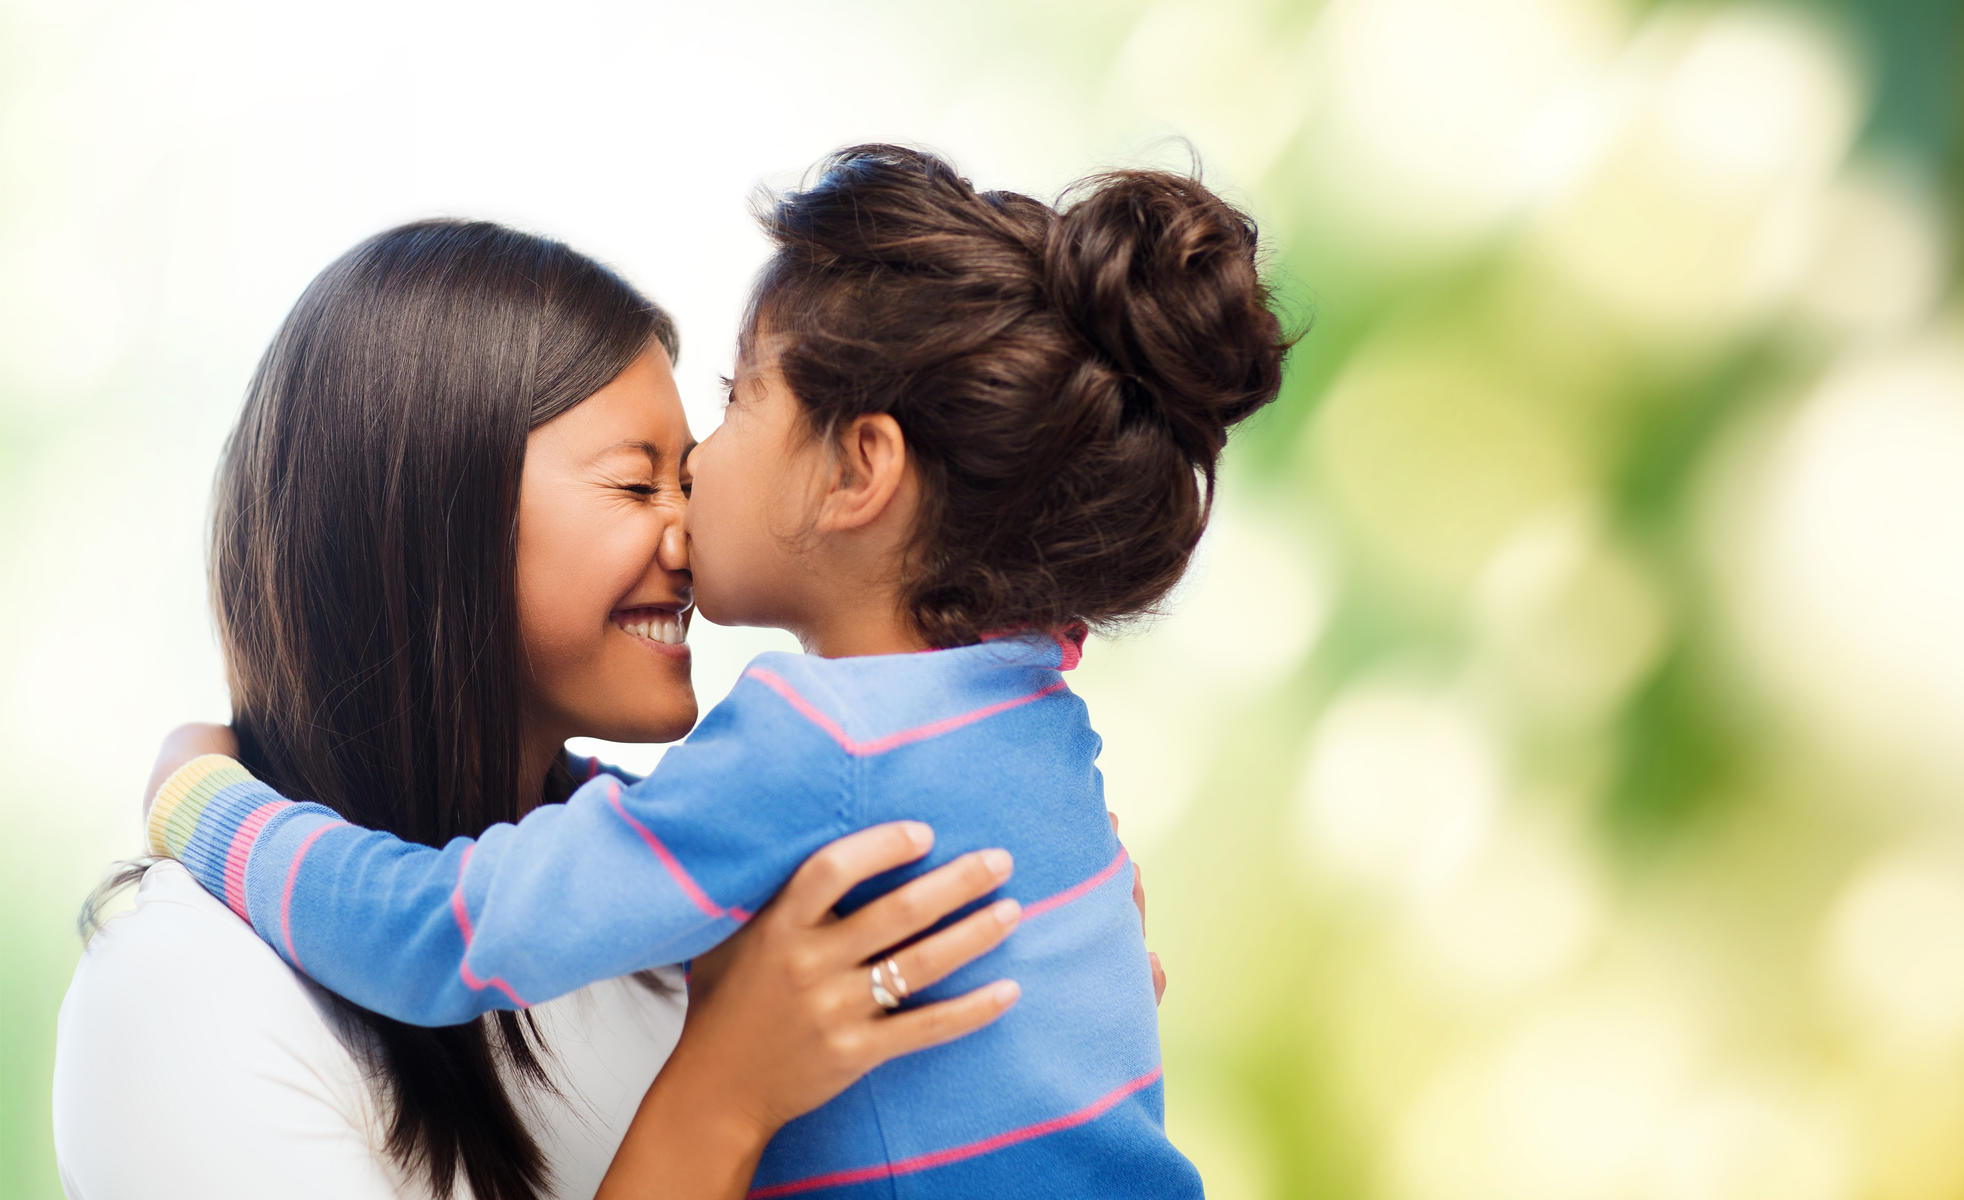 بوسیدن لب کودکان توسط والدین